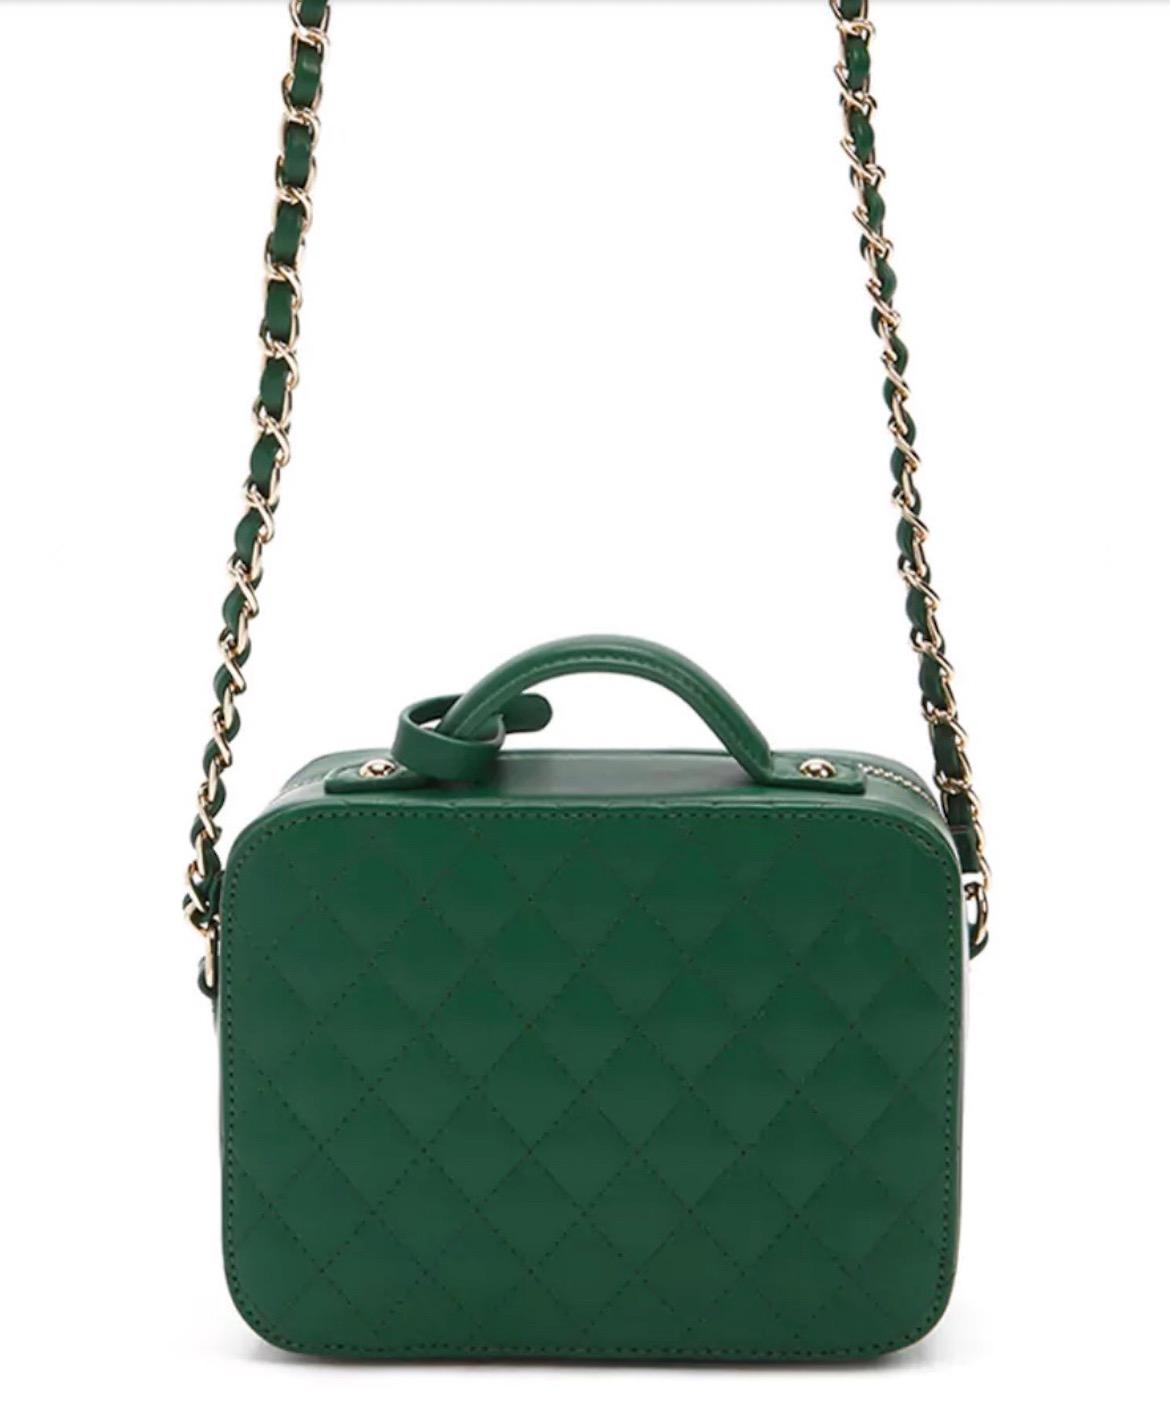 forever 21 green crossbody bag